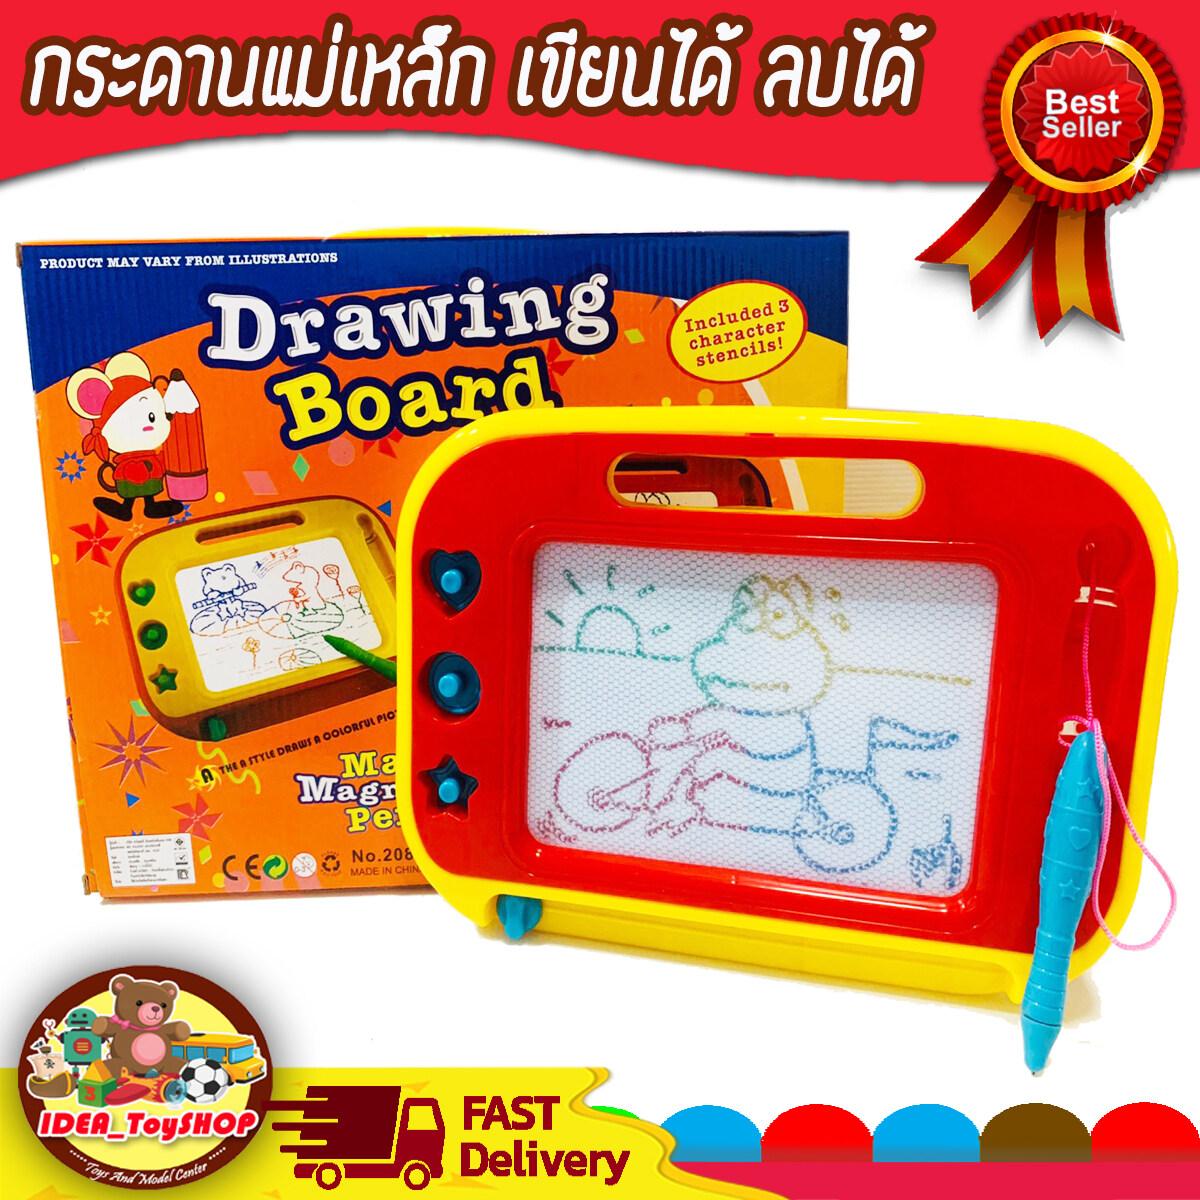 กระดานแม่เหล็ก 4 สี เขียนได้ ลบได้ [แถมปากกา+ตัวปั๊ม 3 รูปแบบ] ช่วยเสริมพัฒนาการ สร้างความคิด ของเล่นเด็ก Toys สร้างเสริมพัฒนาการเด็ก.